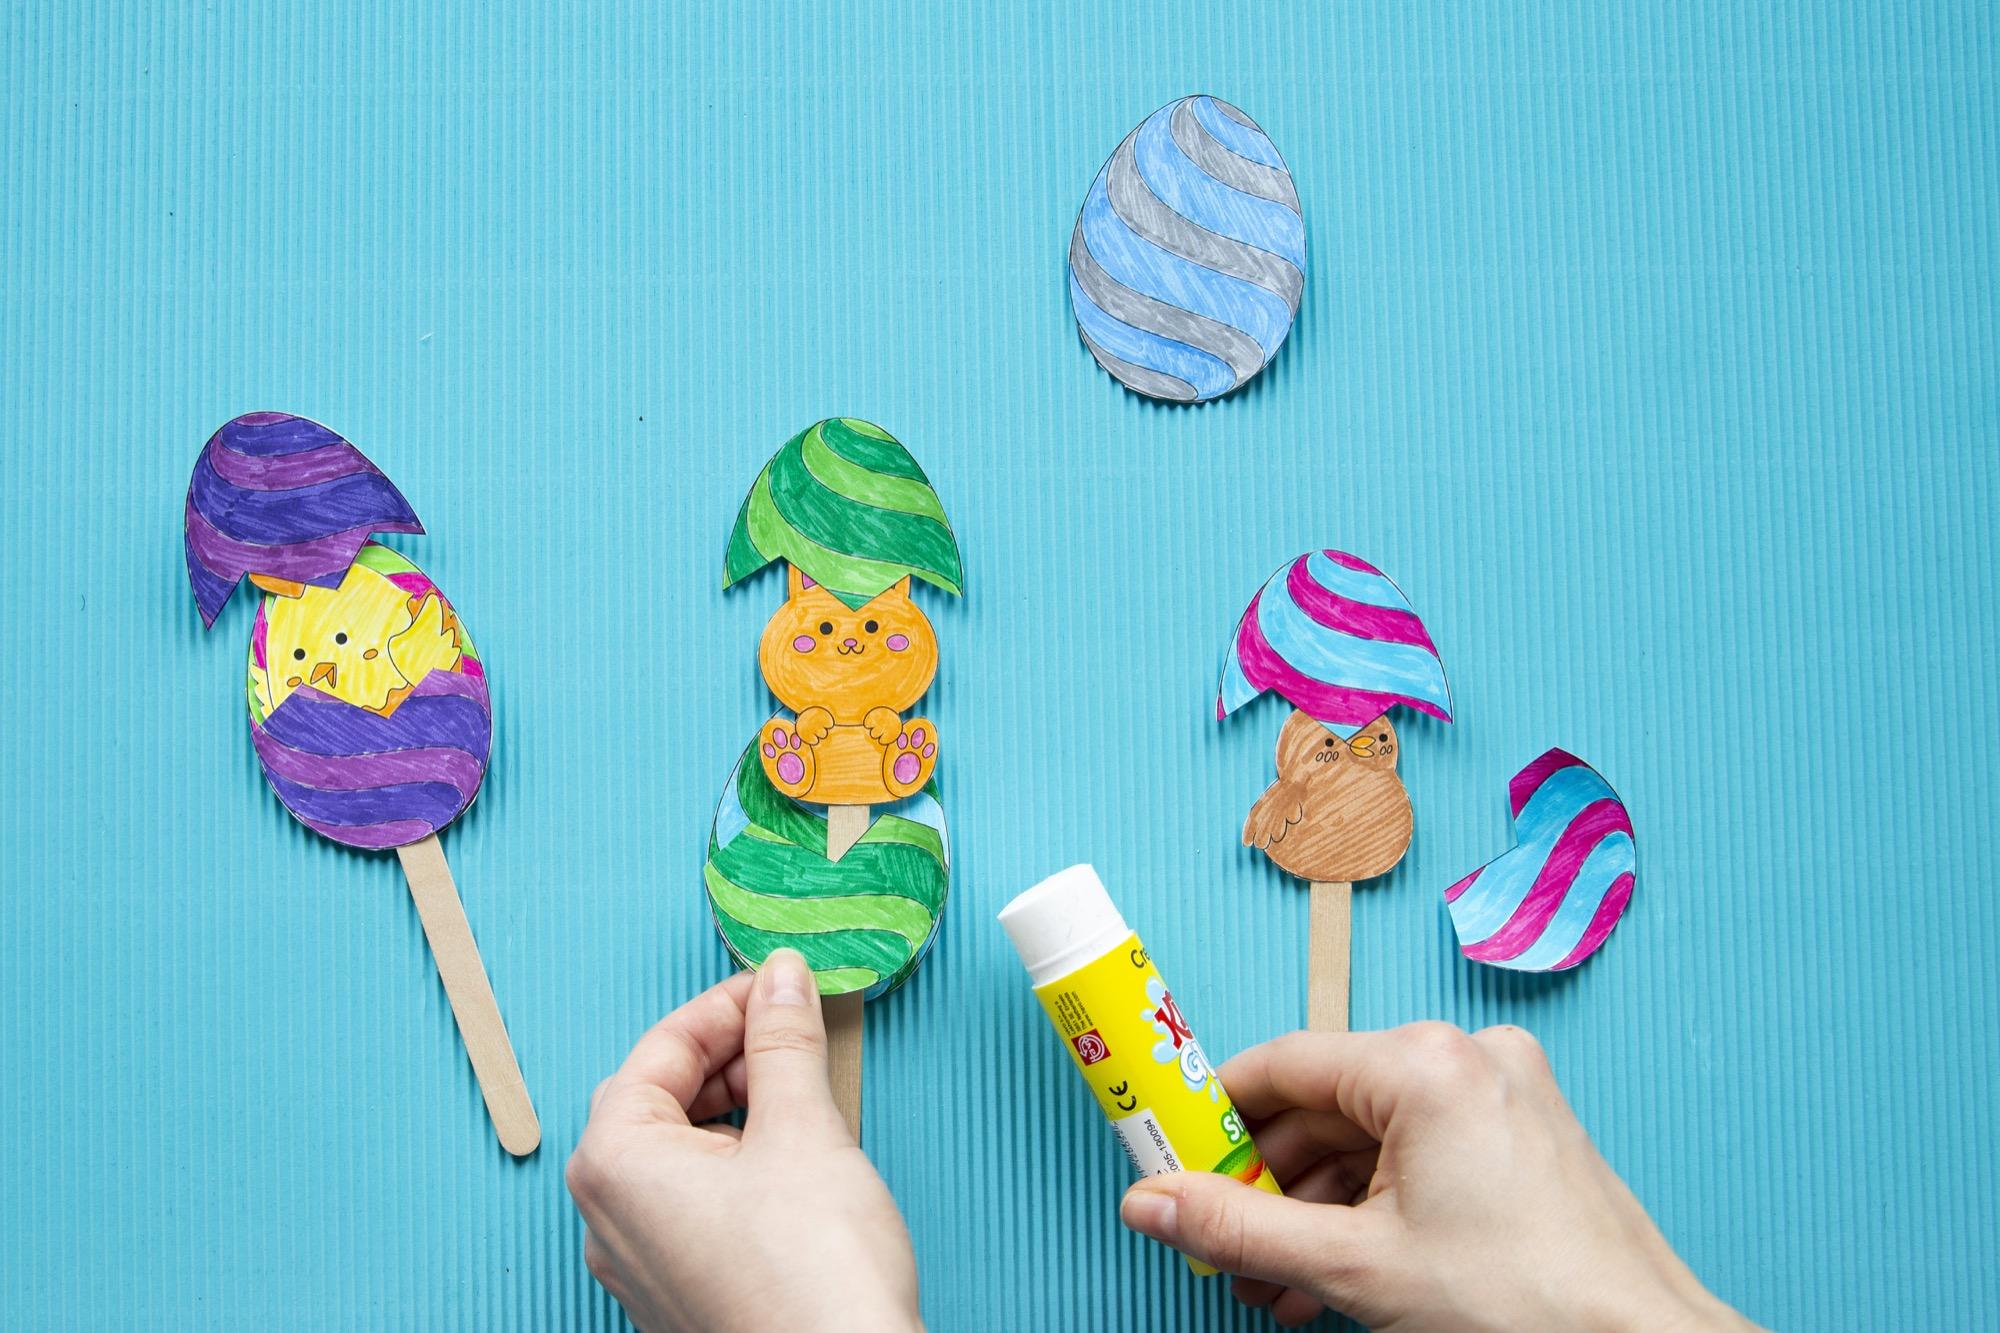 Mes œufs surprises de Pâques - 7